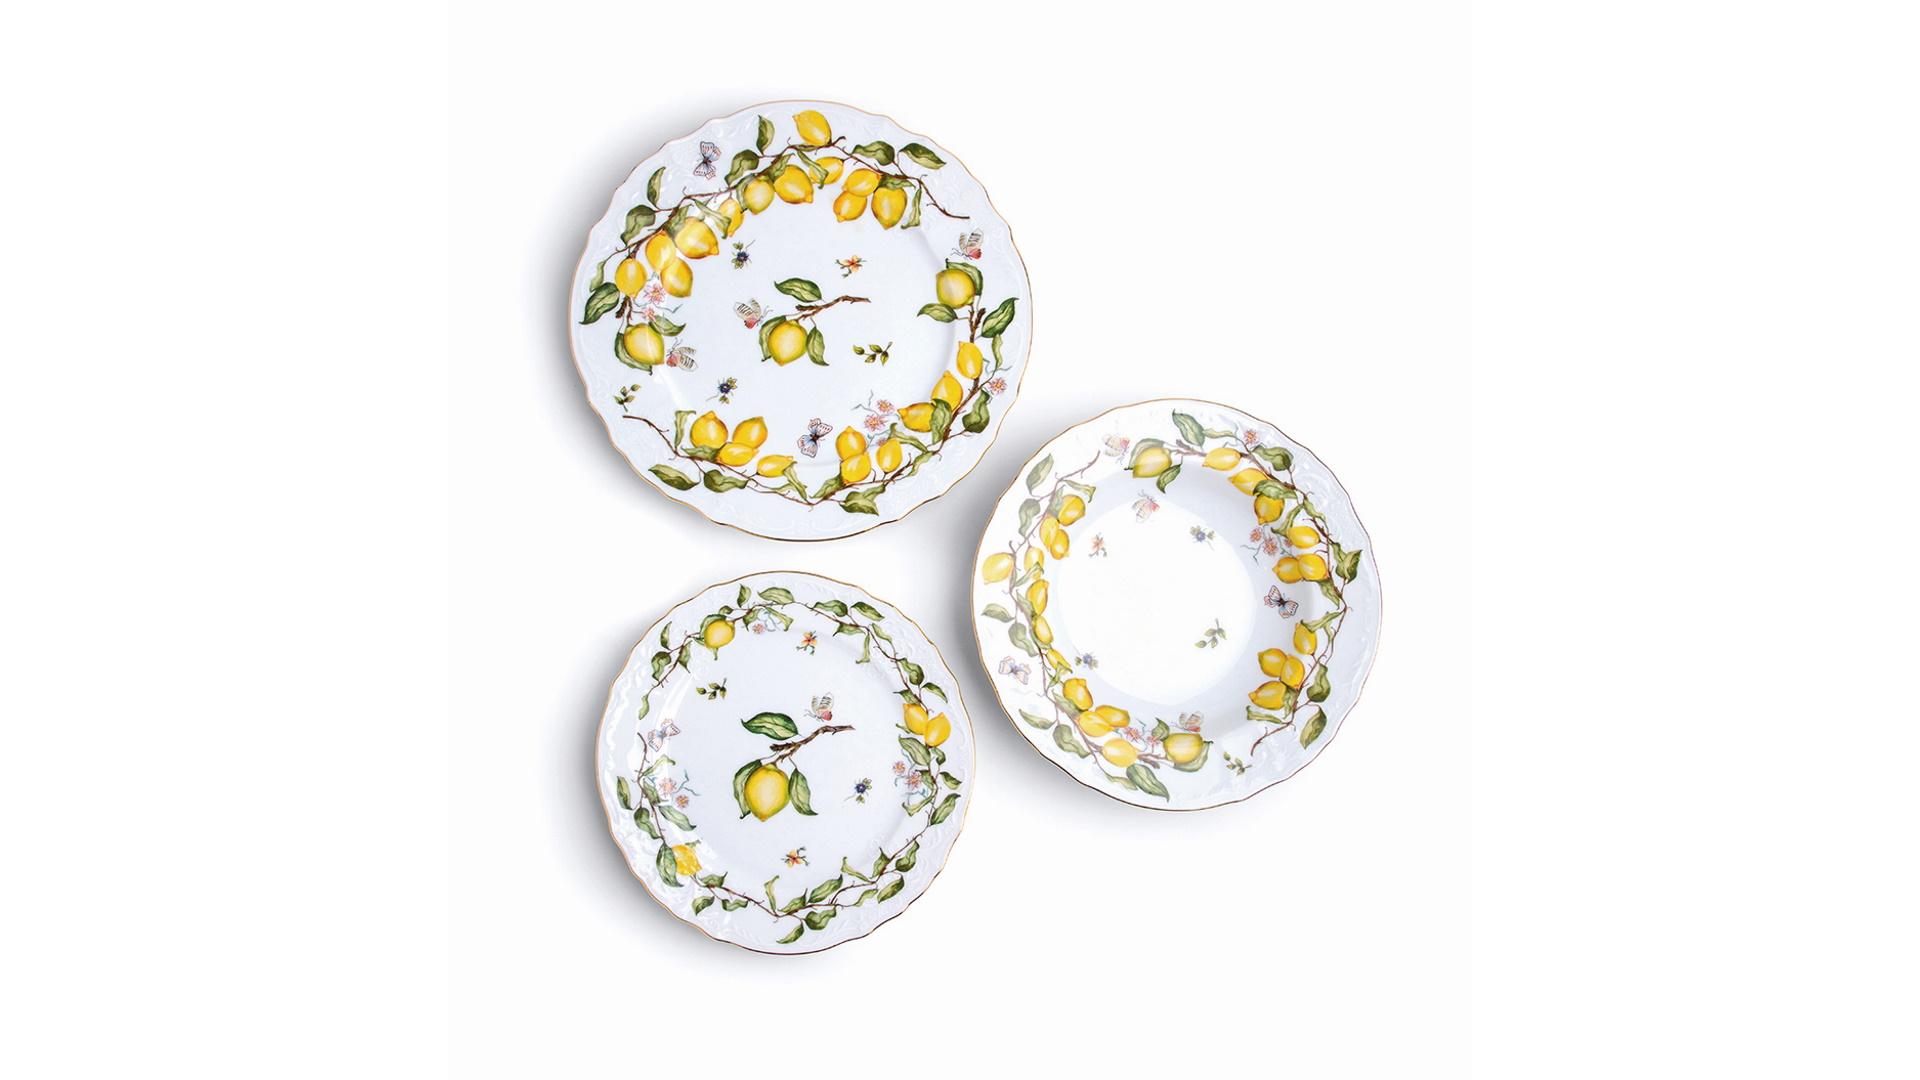 Aparelho de jantar de porcelana limoeiro Tania Bulhões